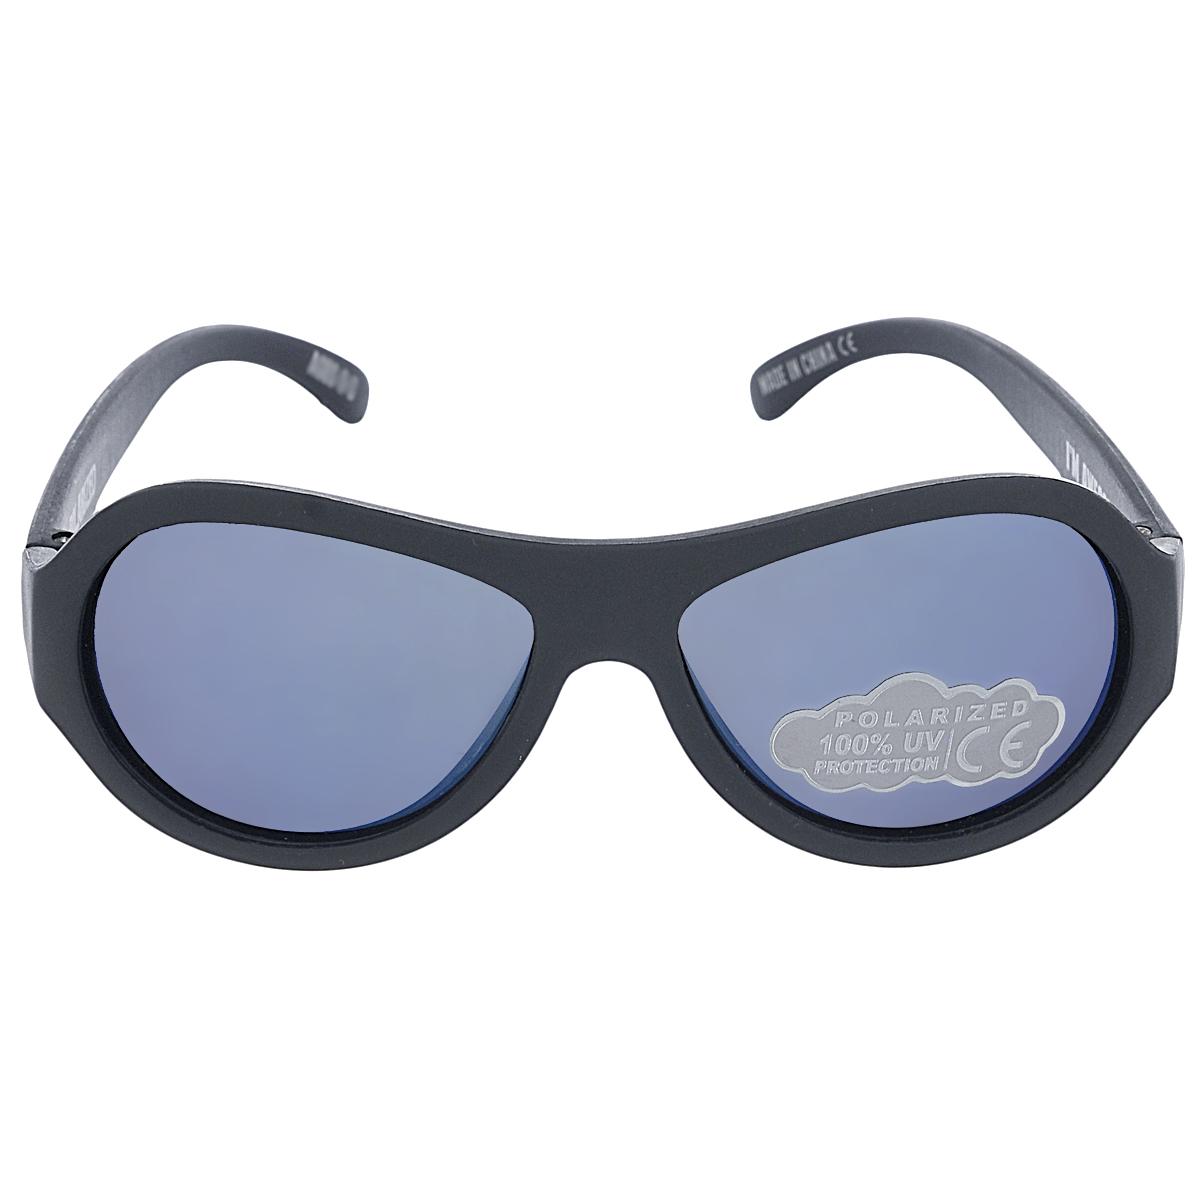 Детские солнцезащитные очки Babiators Спецназ (Black Ops), поляризационные, с футляром, цвет: черный, 0-3 летBM8434-58AEЗащита глаз всегда в моде.Вы делаете все возможное, чтобы ваши дети были здоровы и в безопасности. Шлемы для езды на велосипеде, солнцезащитный крем для прогулок на солнце... Но как насчёт влияния солнца на глазах вашего ребёнка? Правда в том, что сетчатка глаза у детей развивается вместе с самим ребёнком. Это означает, что глаза малышей не могут отфильтровать УФ-излучение. Добавьте к этому тот факт, что дети за год получают трёхкратную дозу солнечного воздействия на взрослого человека (доклад Vision Council Report 2013, США). Проблема понятна - детям нужна настоящая защита, чтобы глазки были в безопасности, а зрение сильным.Каждая пара солнцезащитных очков Babiators для детей обеспечивает 100% защиту от UVA и UVB. Прочные линзы высшего качества не подведут в самых сложных переделках. В отличие от обычных пластиковых очков, оправа Babiators выполнена из гибкого прорезиненного материала, что делает их ударопрочными, их можно сгибать и крутить - они не сломаются и вернутся в прежнюю форму. Не бойтесь, что ребёнок сядет на них - они всё выдержат. Очки доступны в двух размерах: Junior (от 6 месяцев до 3 лет) и Classic (3-7+ лет). Прилагается стильный твердый чехол с замком в виде облачка. Будьте уверены, что очки Babiators созданы безопасными, прочными и классными, так что вы и ваш маленький лётчик можете приступать к своим приключениям!